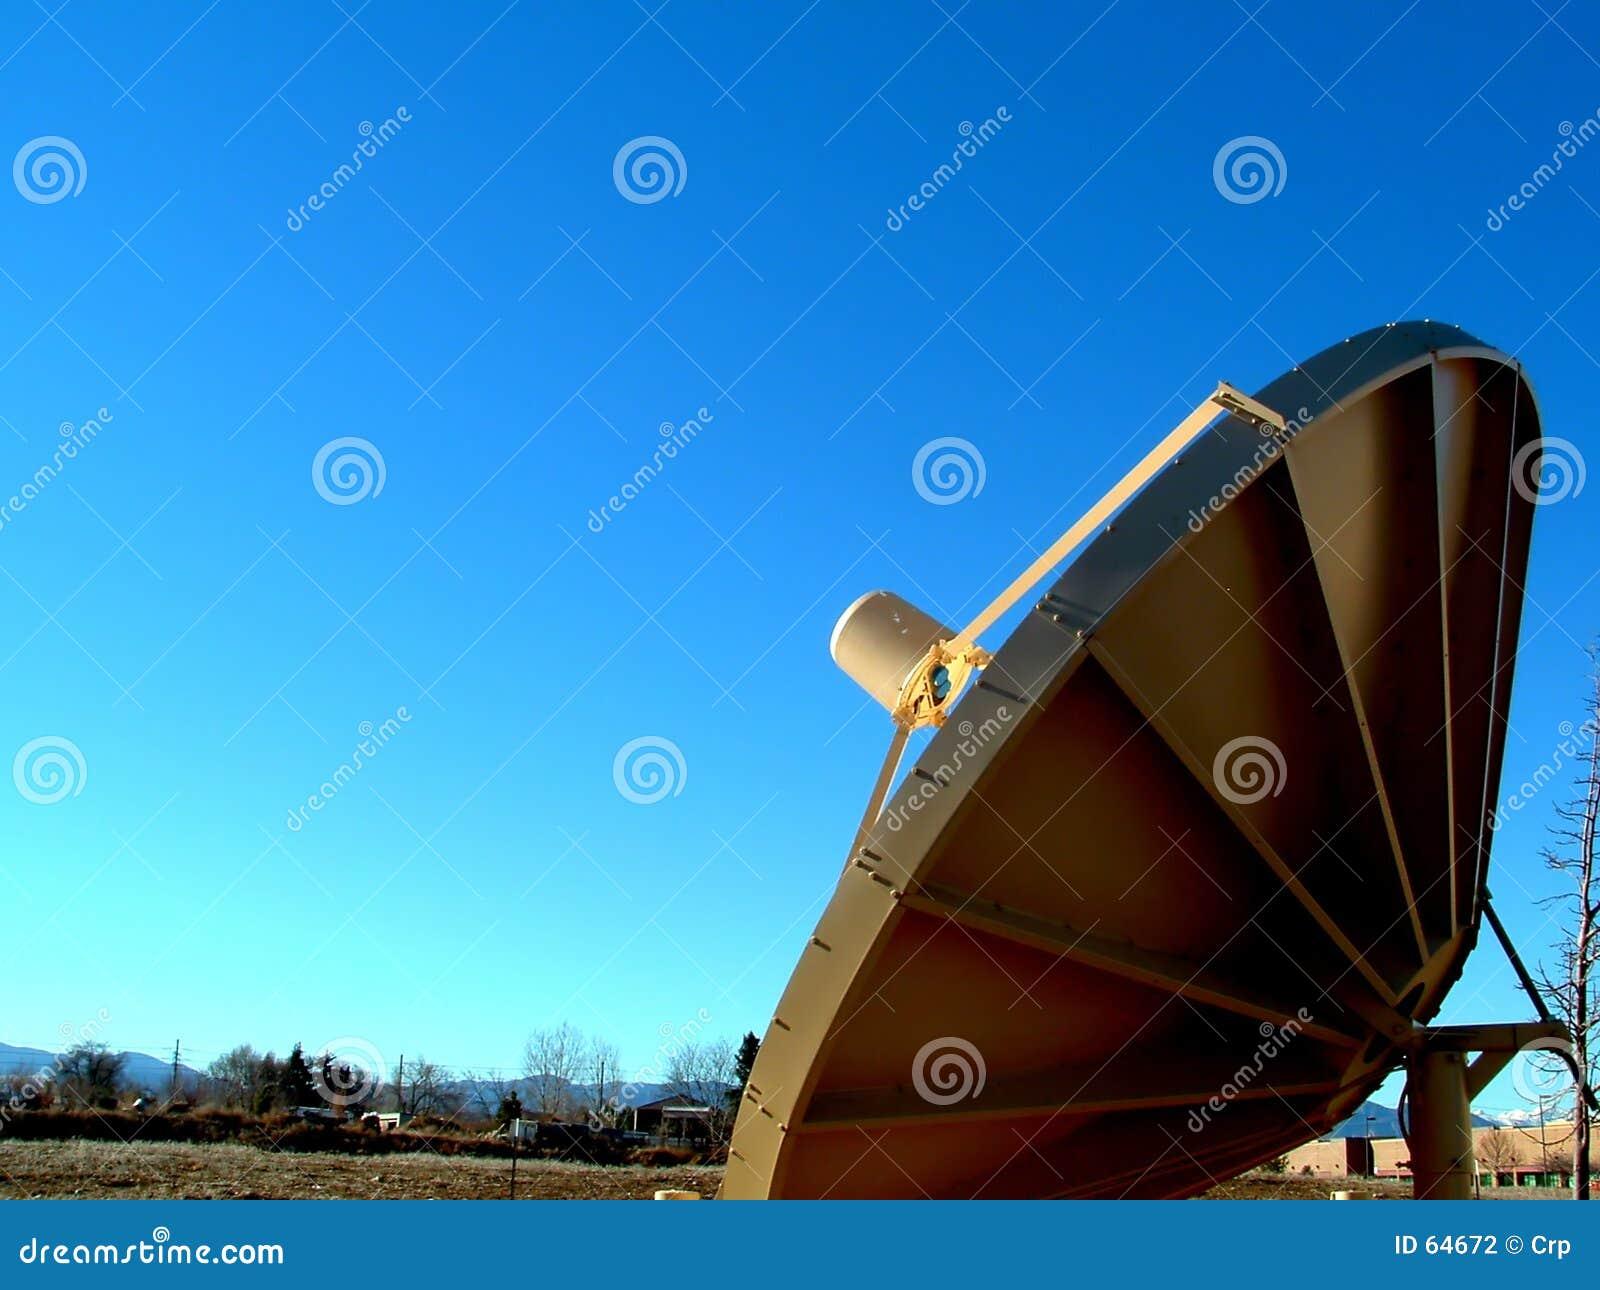 Download μελλοντικό κοίταγμα στοκ εικόνες. εικόνα από αστέρι, επικοινωνία - 64672